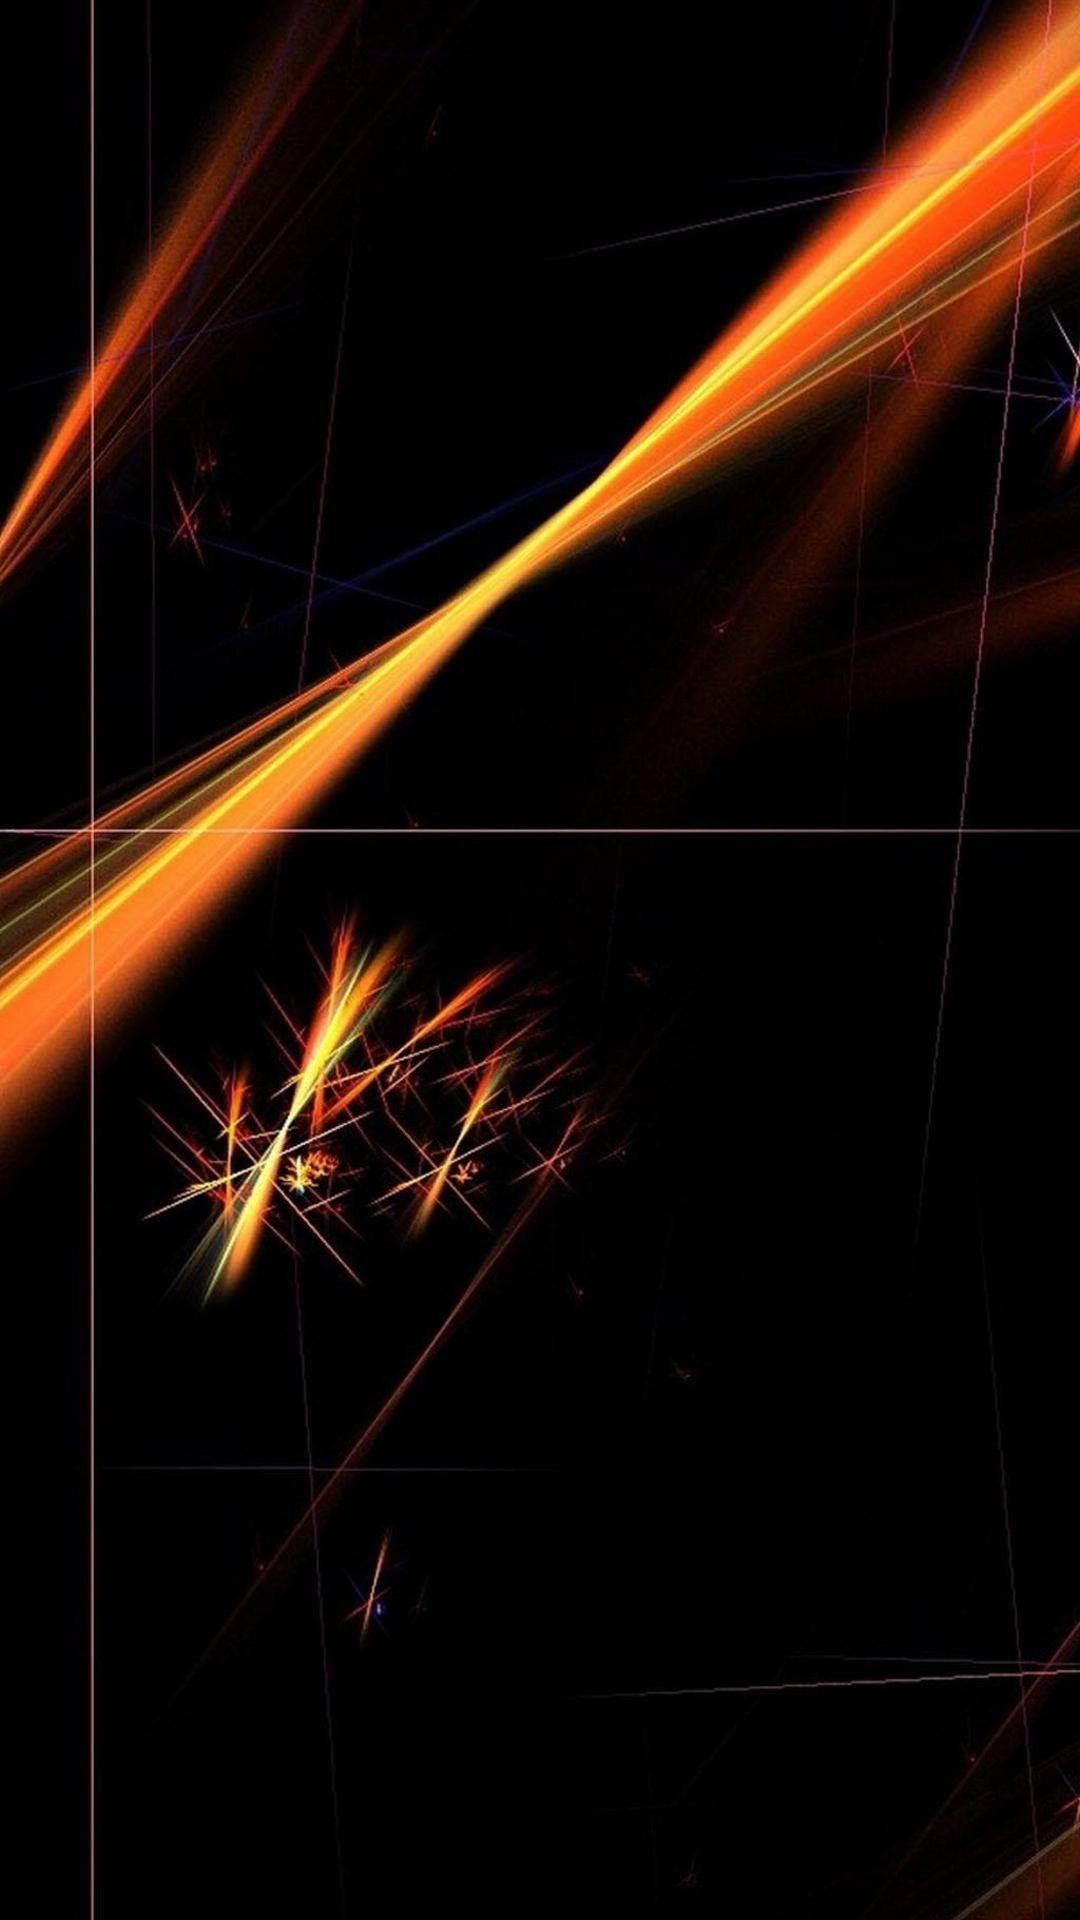 Minimalist Black Orange Background Image Orange Wallpaper Orange Background Black Wallpaper